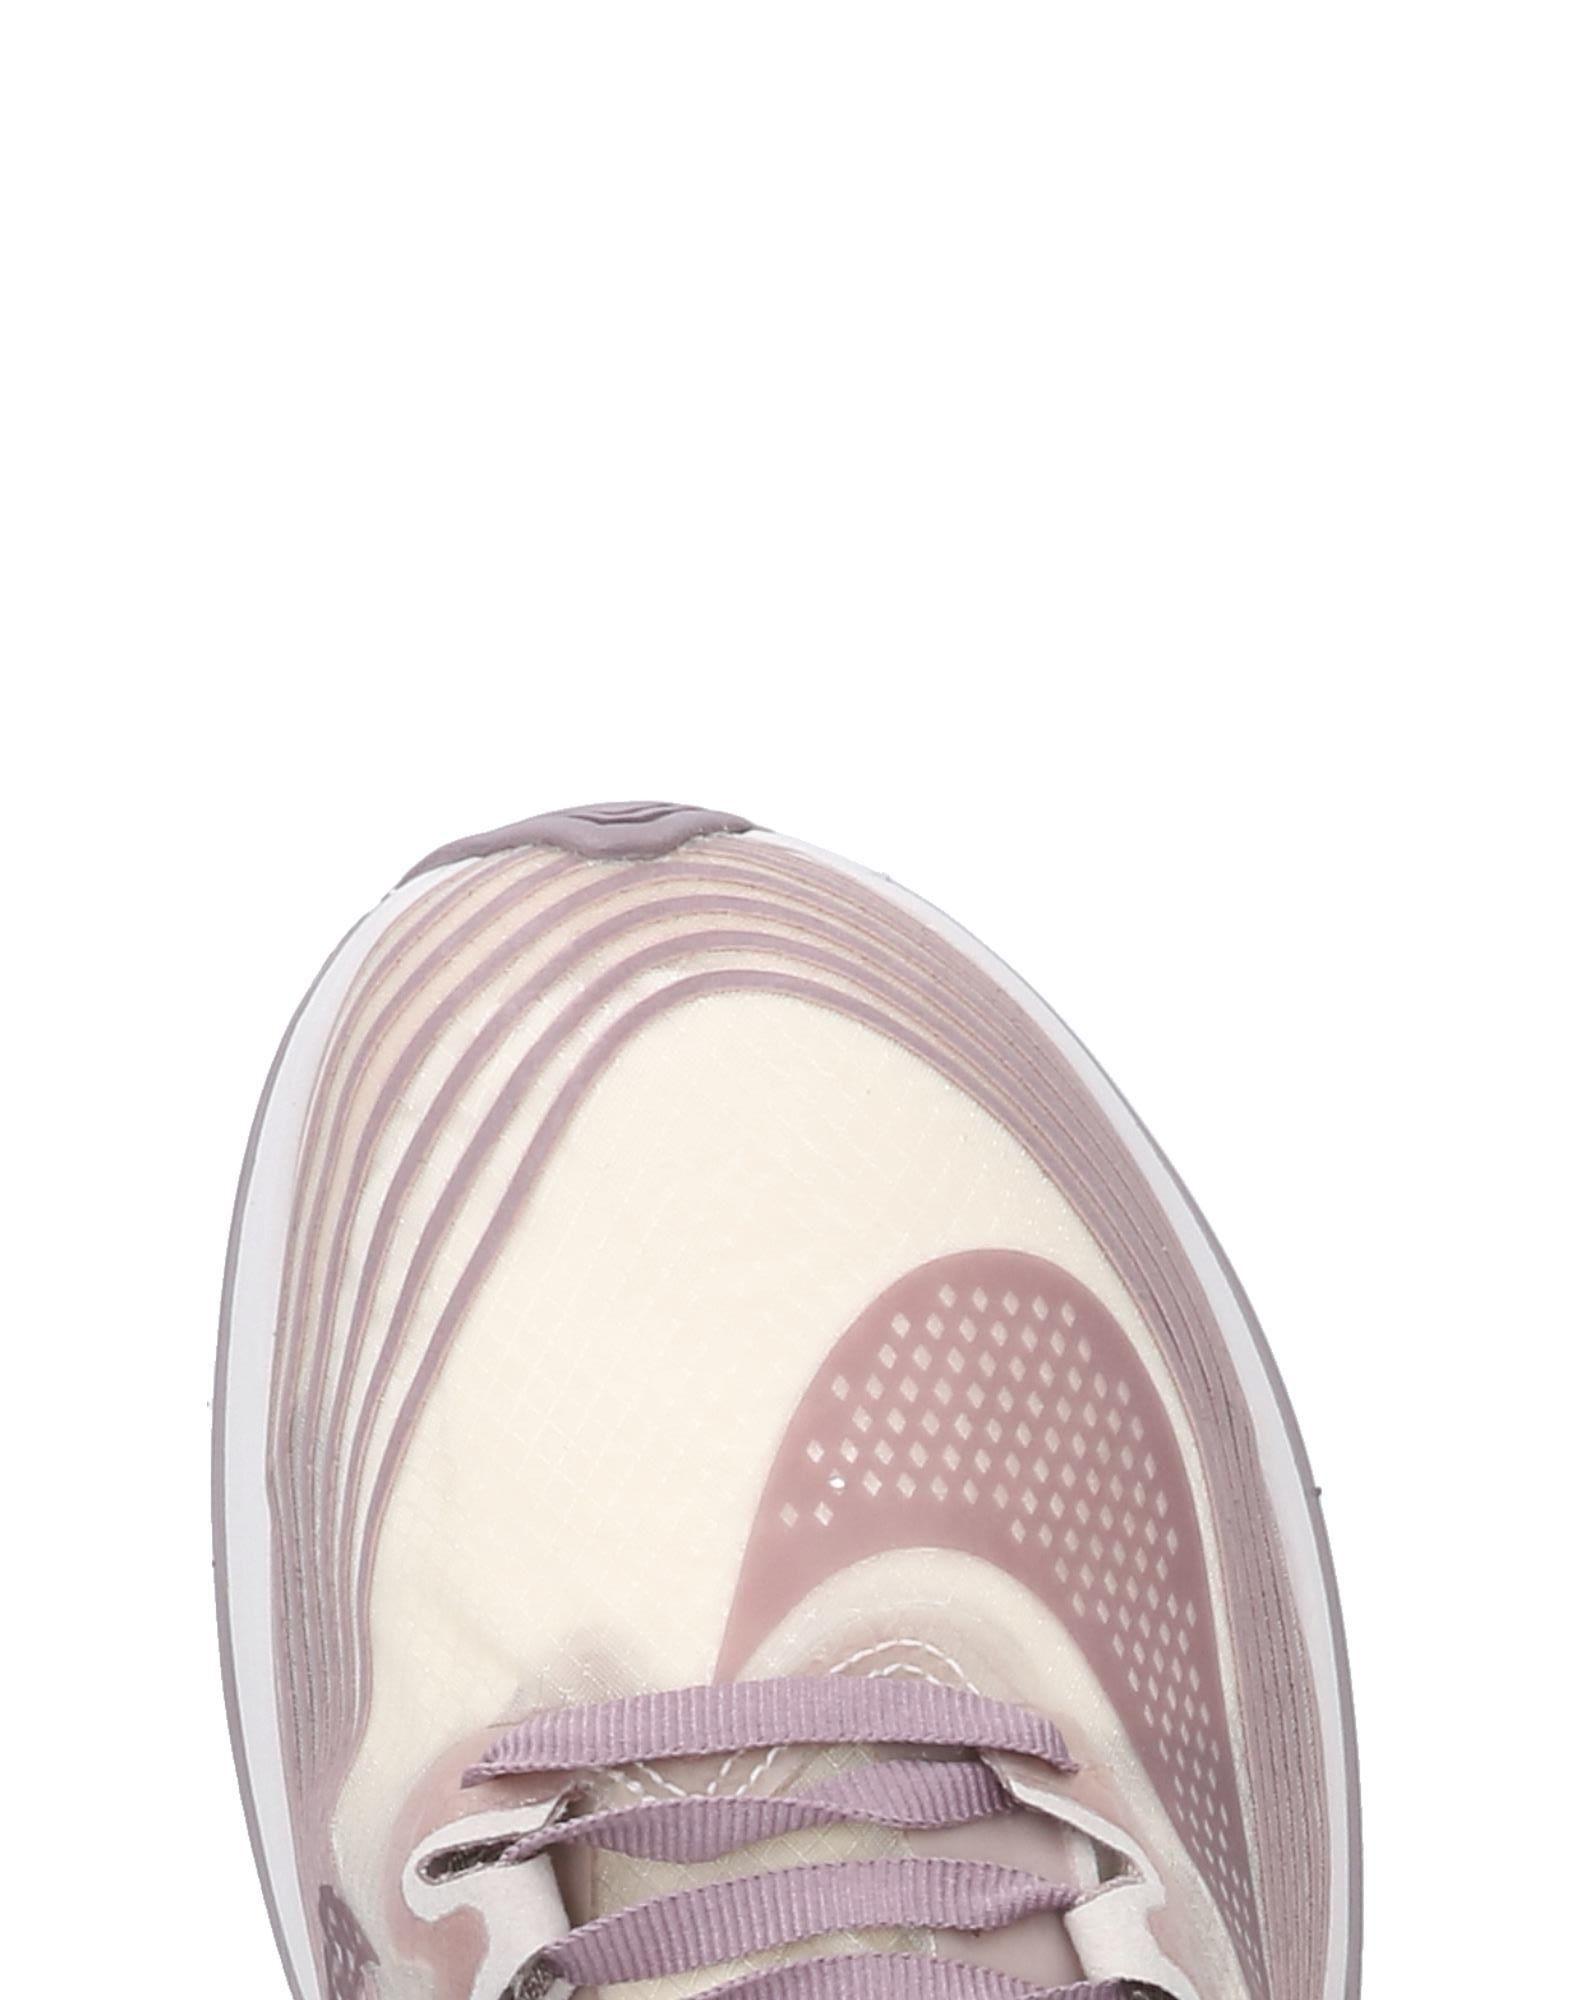 Scarpe economiche e resistenti Sneakers Nike Donna - 11487049SF